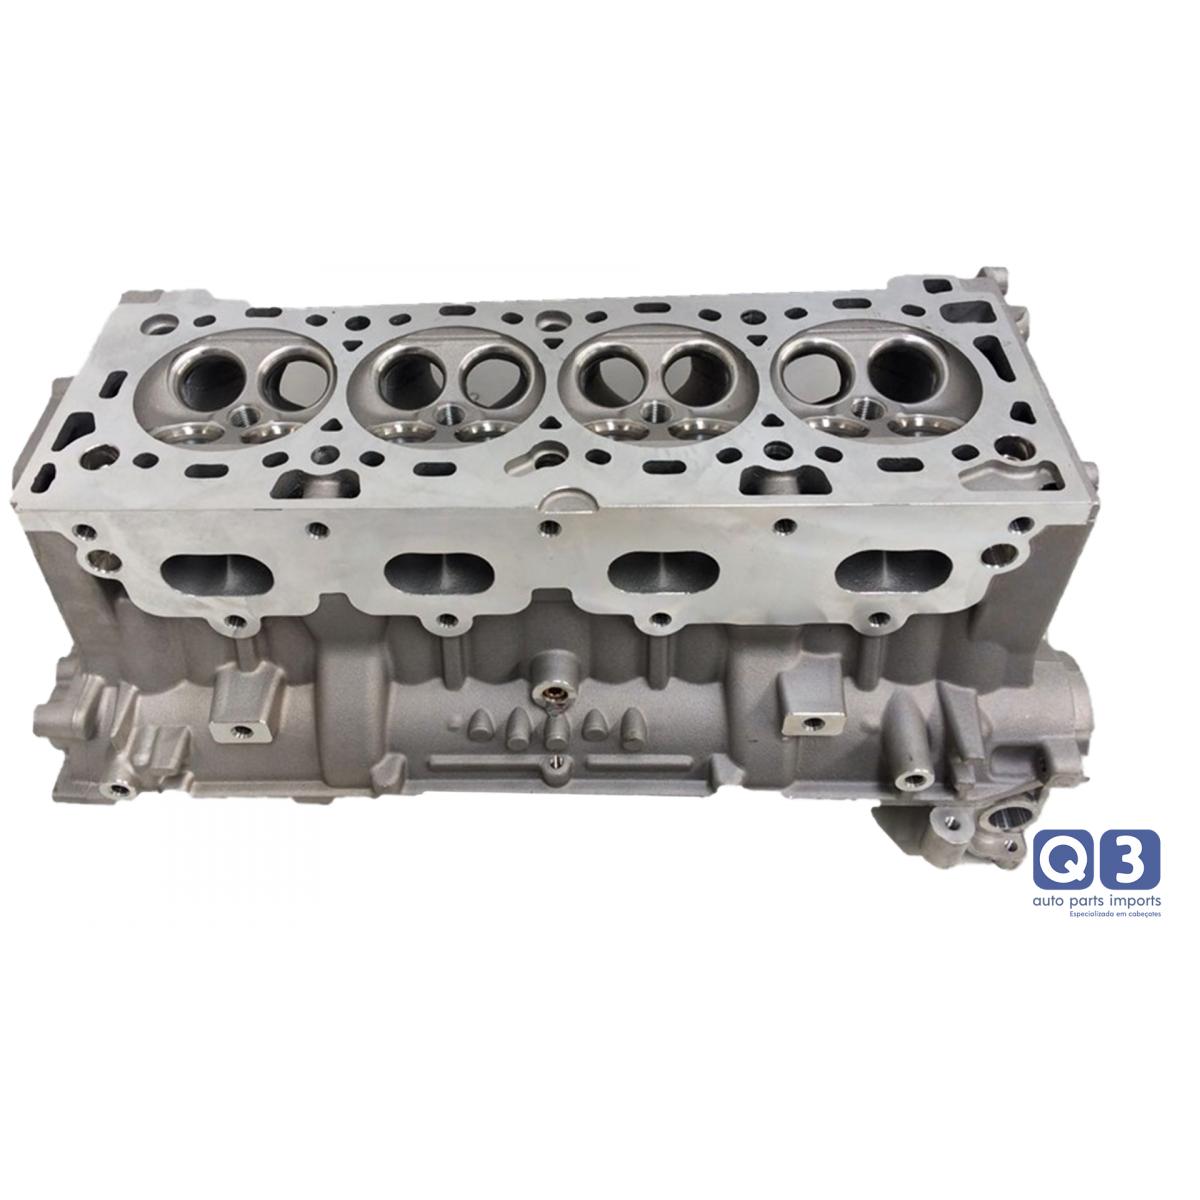 Cabeçote GM Chevrolet Cruze 1.8 16V motor Ecotec Novo  + Tuchos